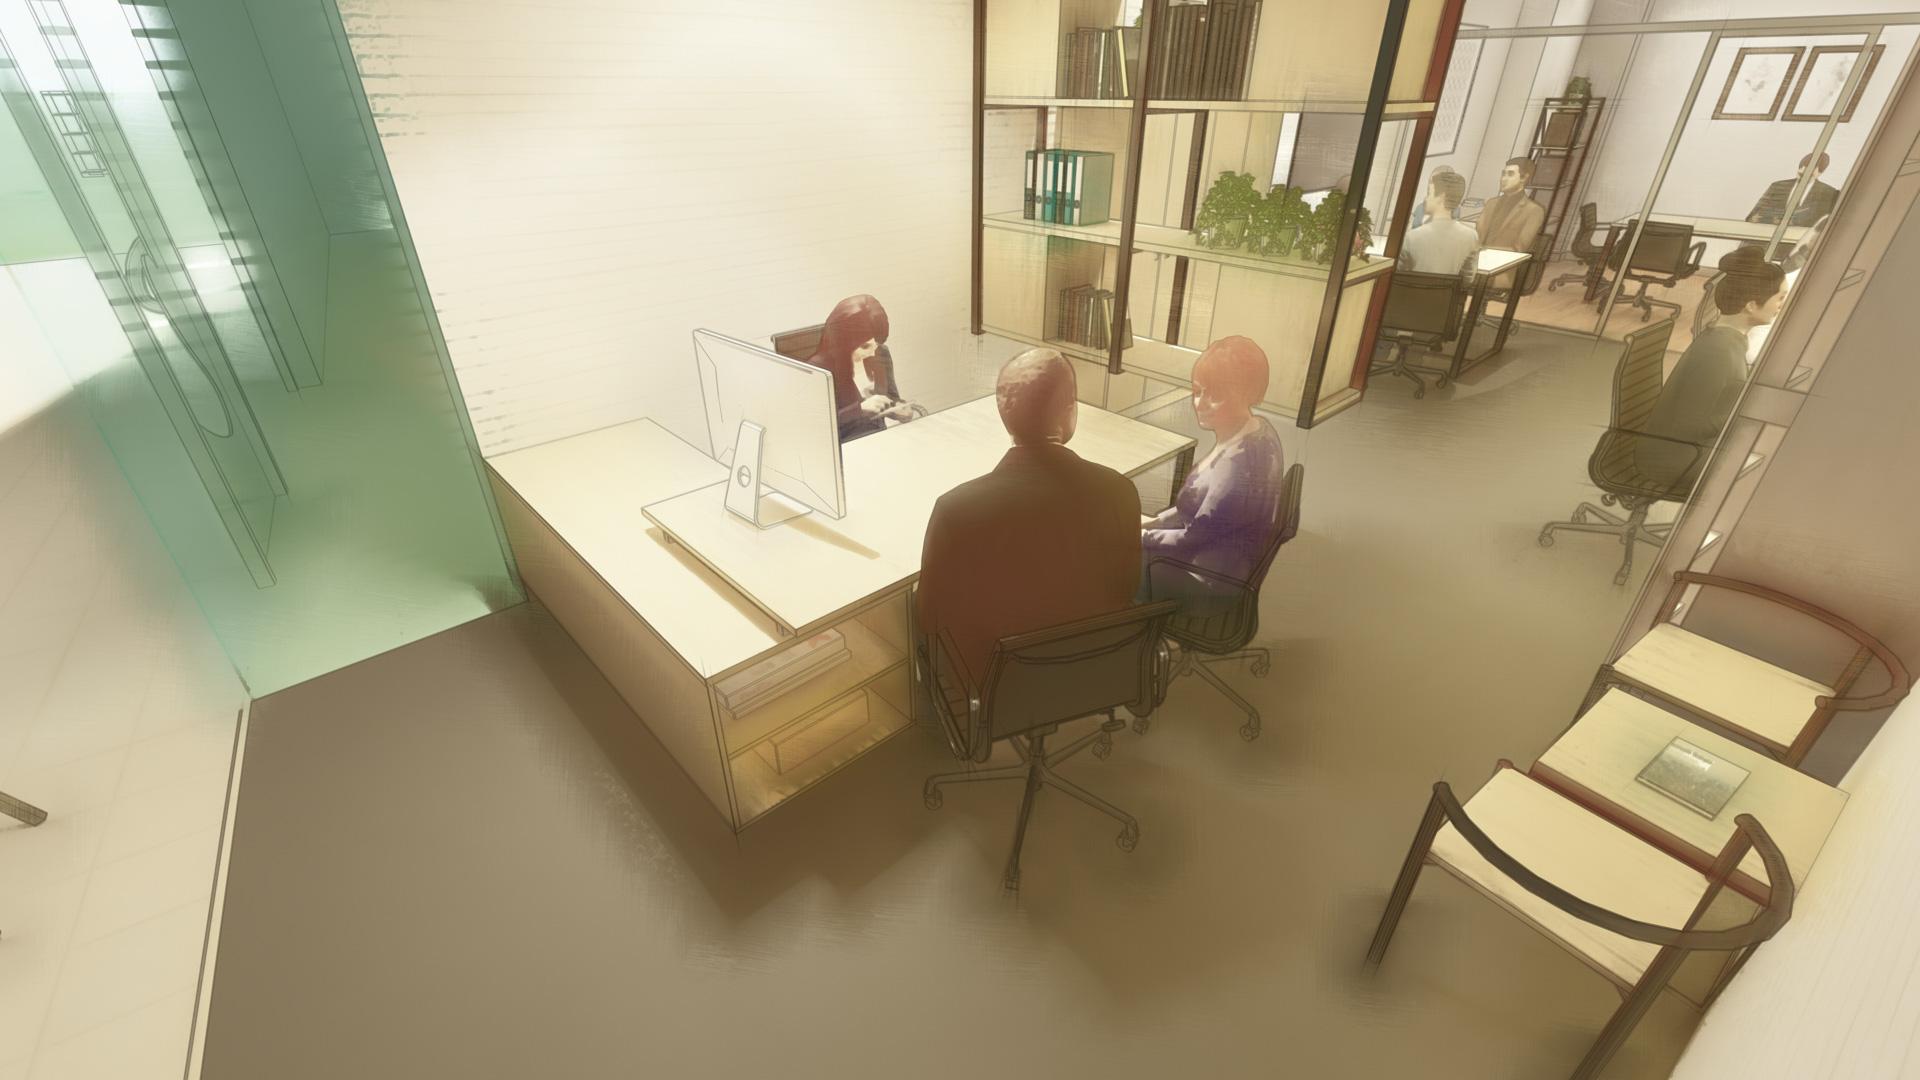 Diseño de interior y de mobiliario estilo industrial para oficina en Jerez